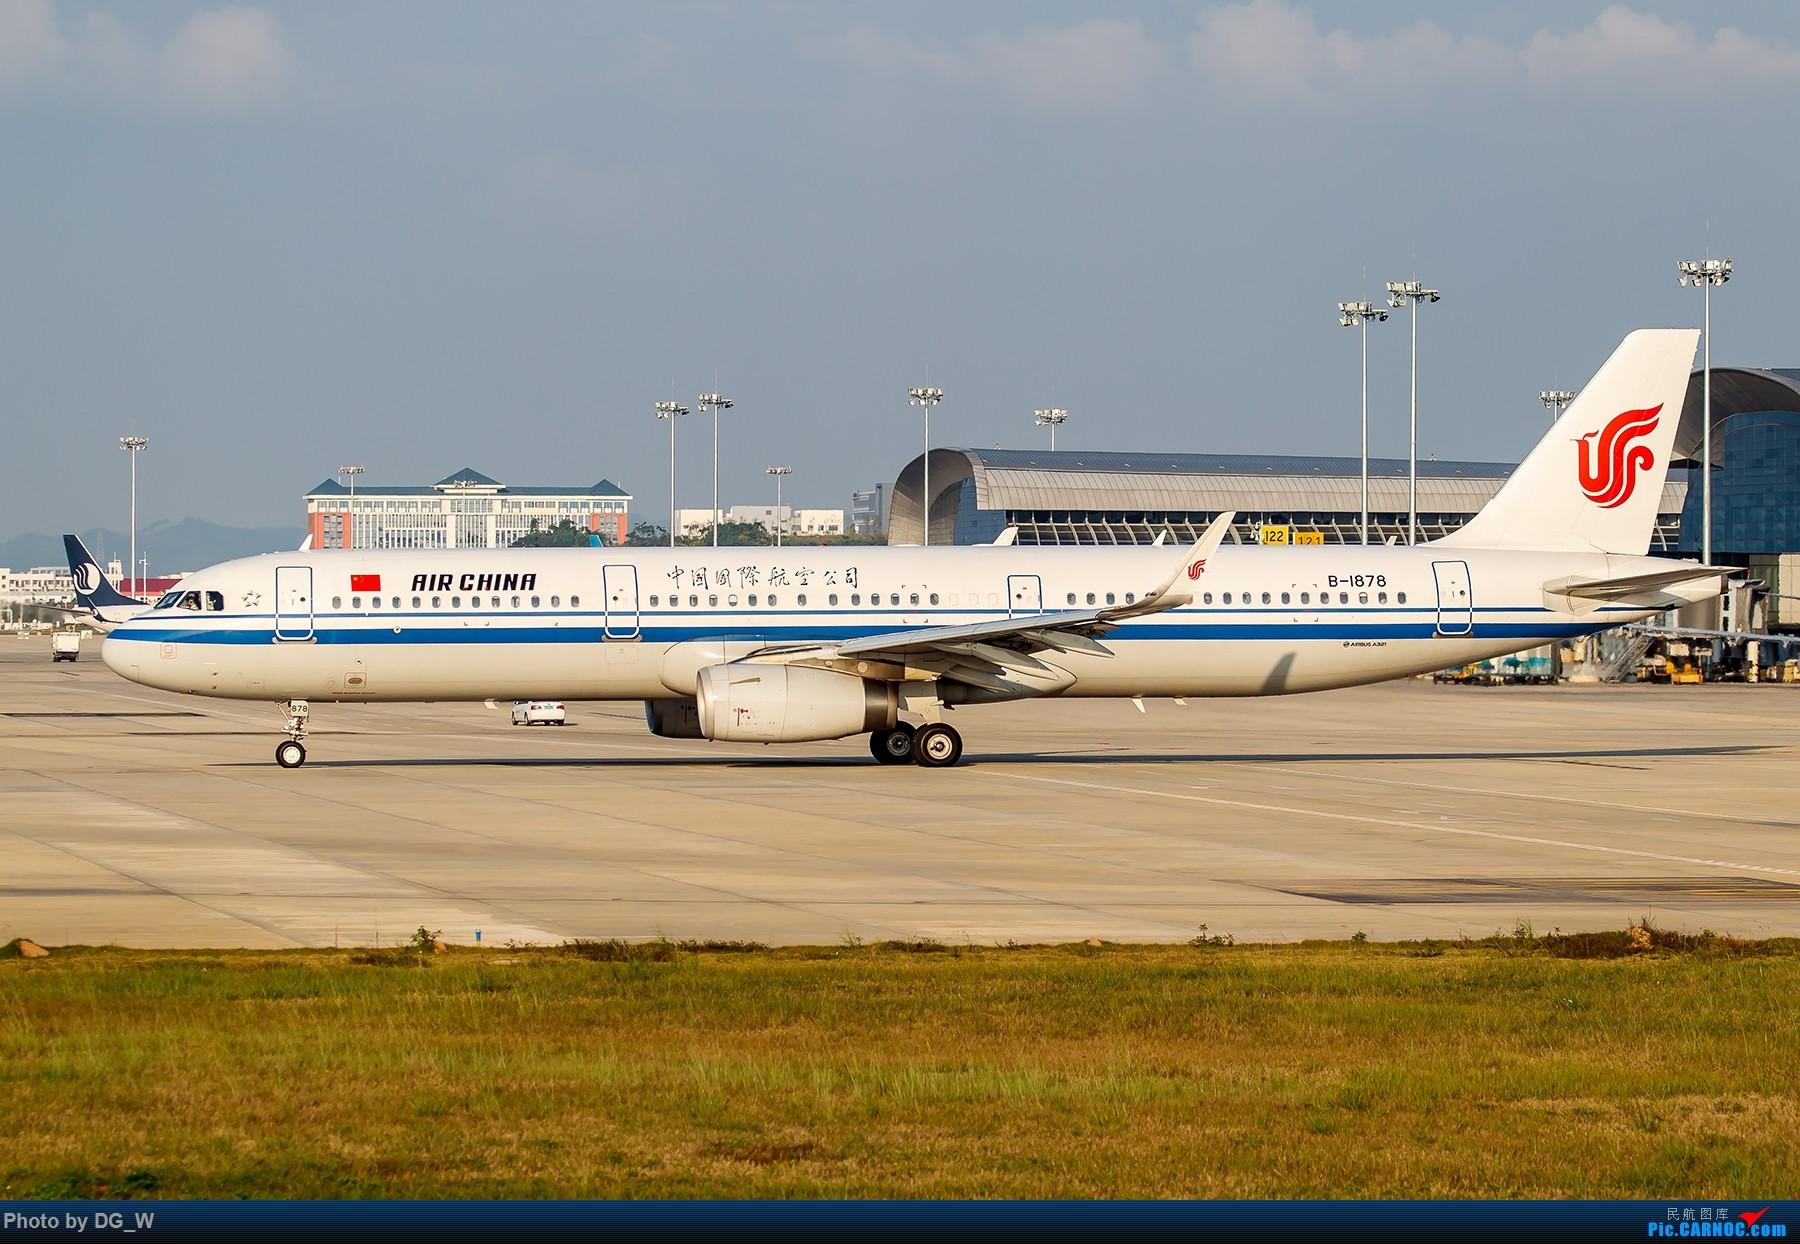 Re:[原创]【南宁飞友】天冷只能呆在家处理片子 AIRBUS A321-200 B-1878 中国南宁吴圩国际机场